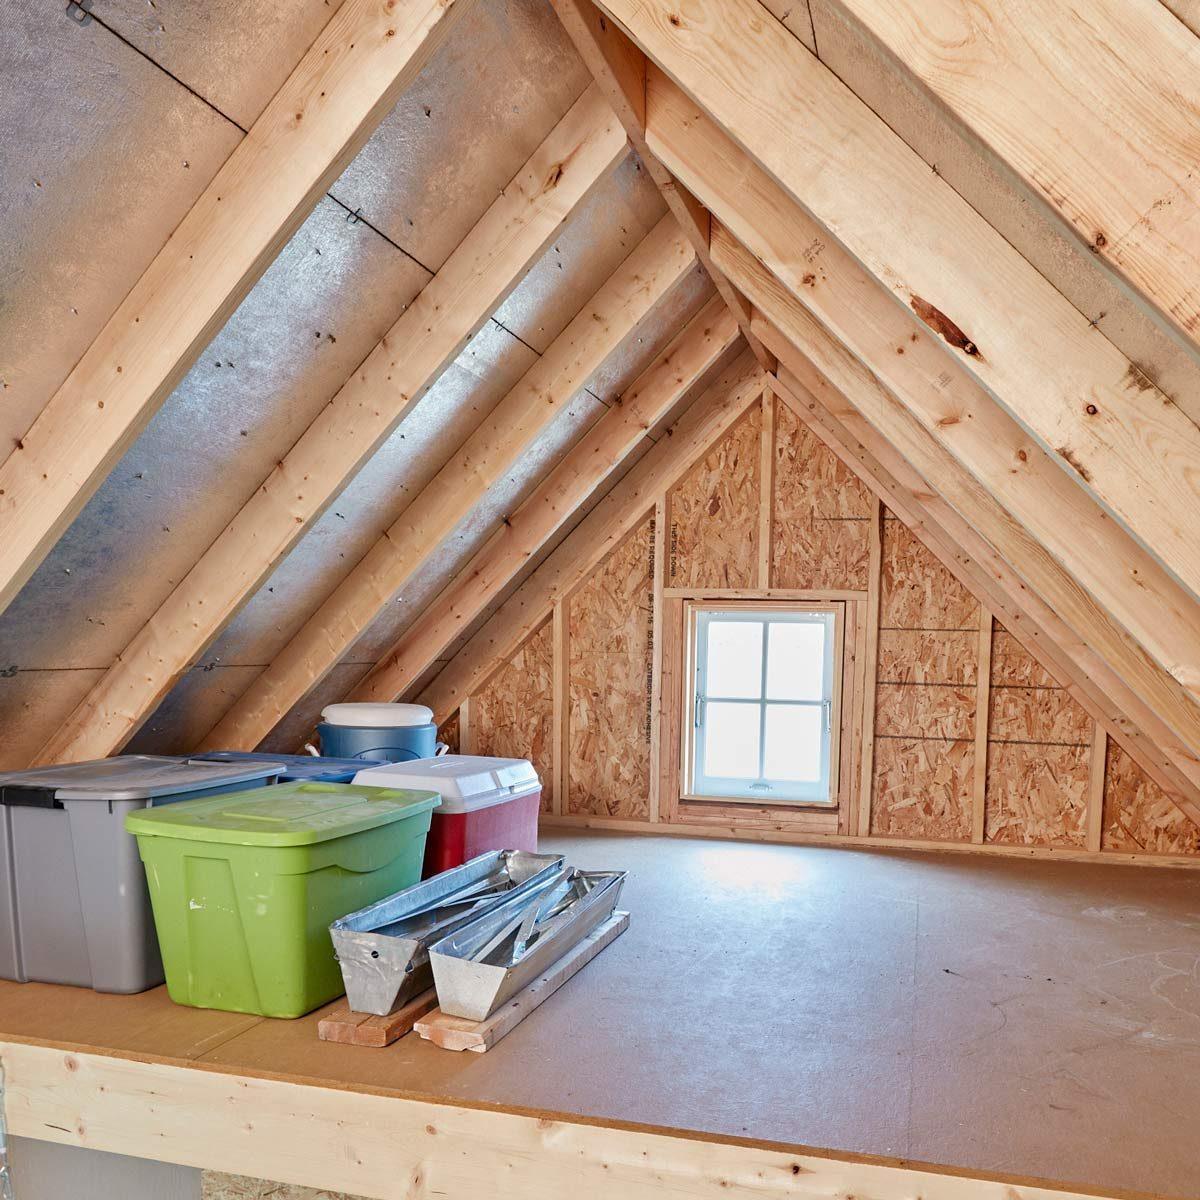 FH17JAU_580_00_076 pub shed loft storage